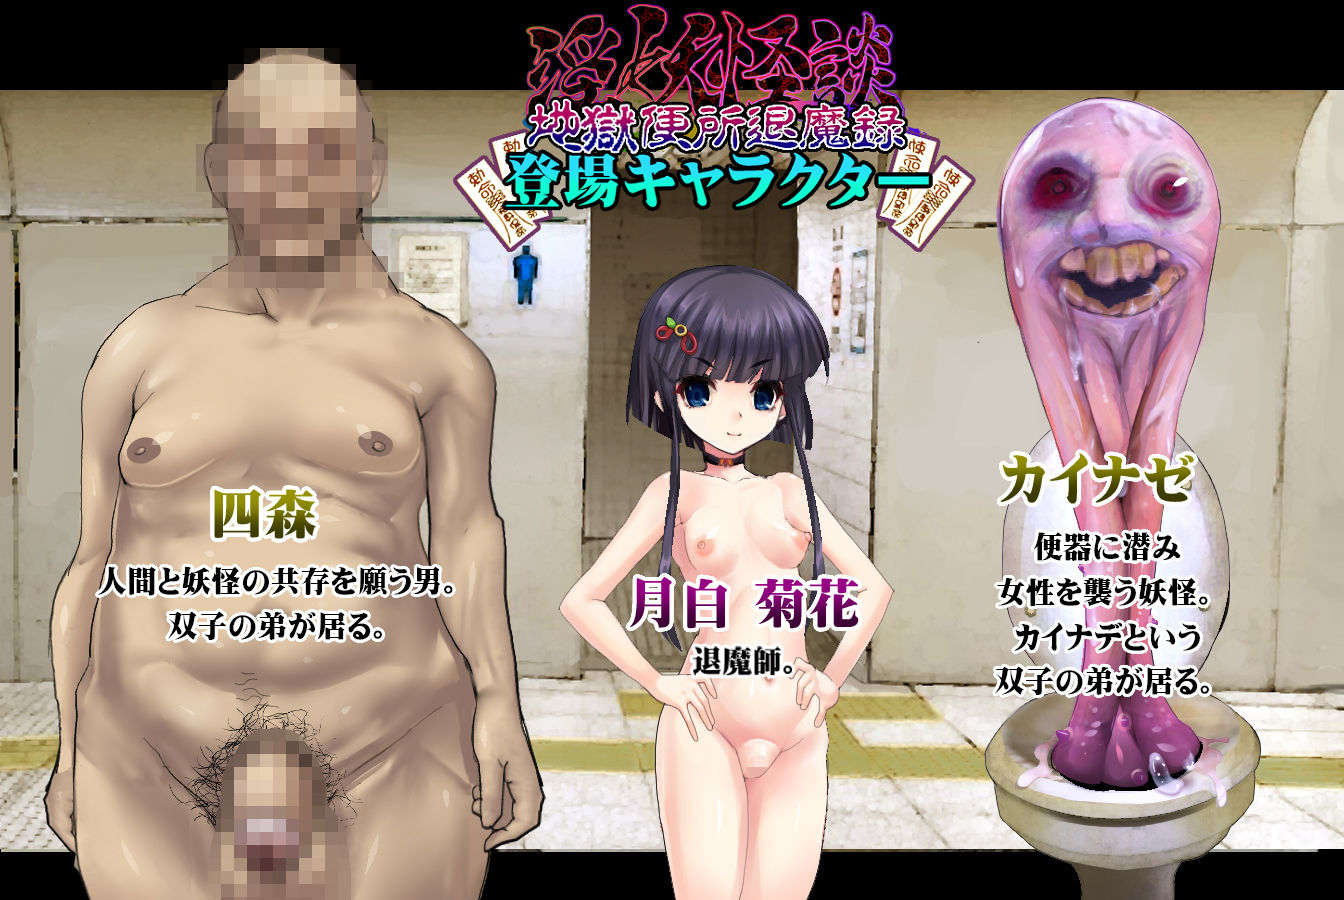 【新世界漫画研究会 同人】淫妖怪談地獄便所退魔録